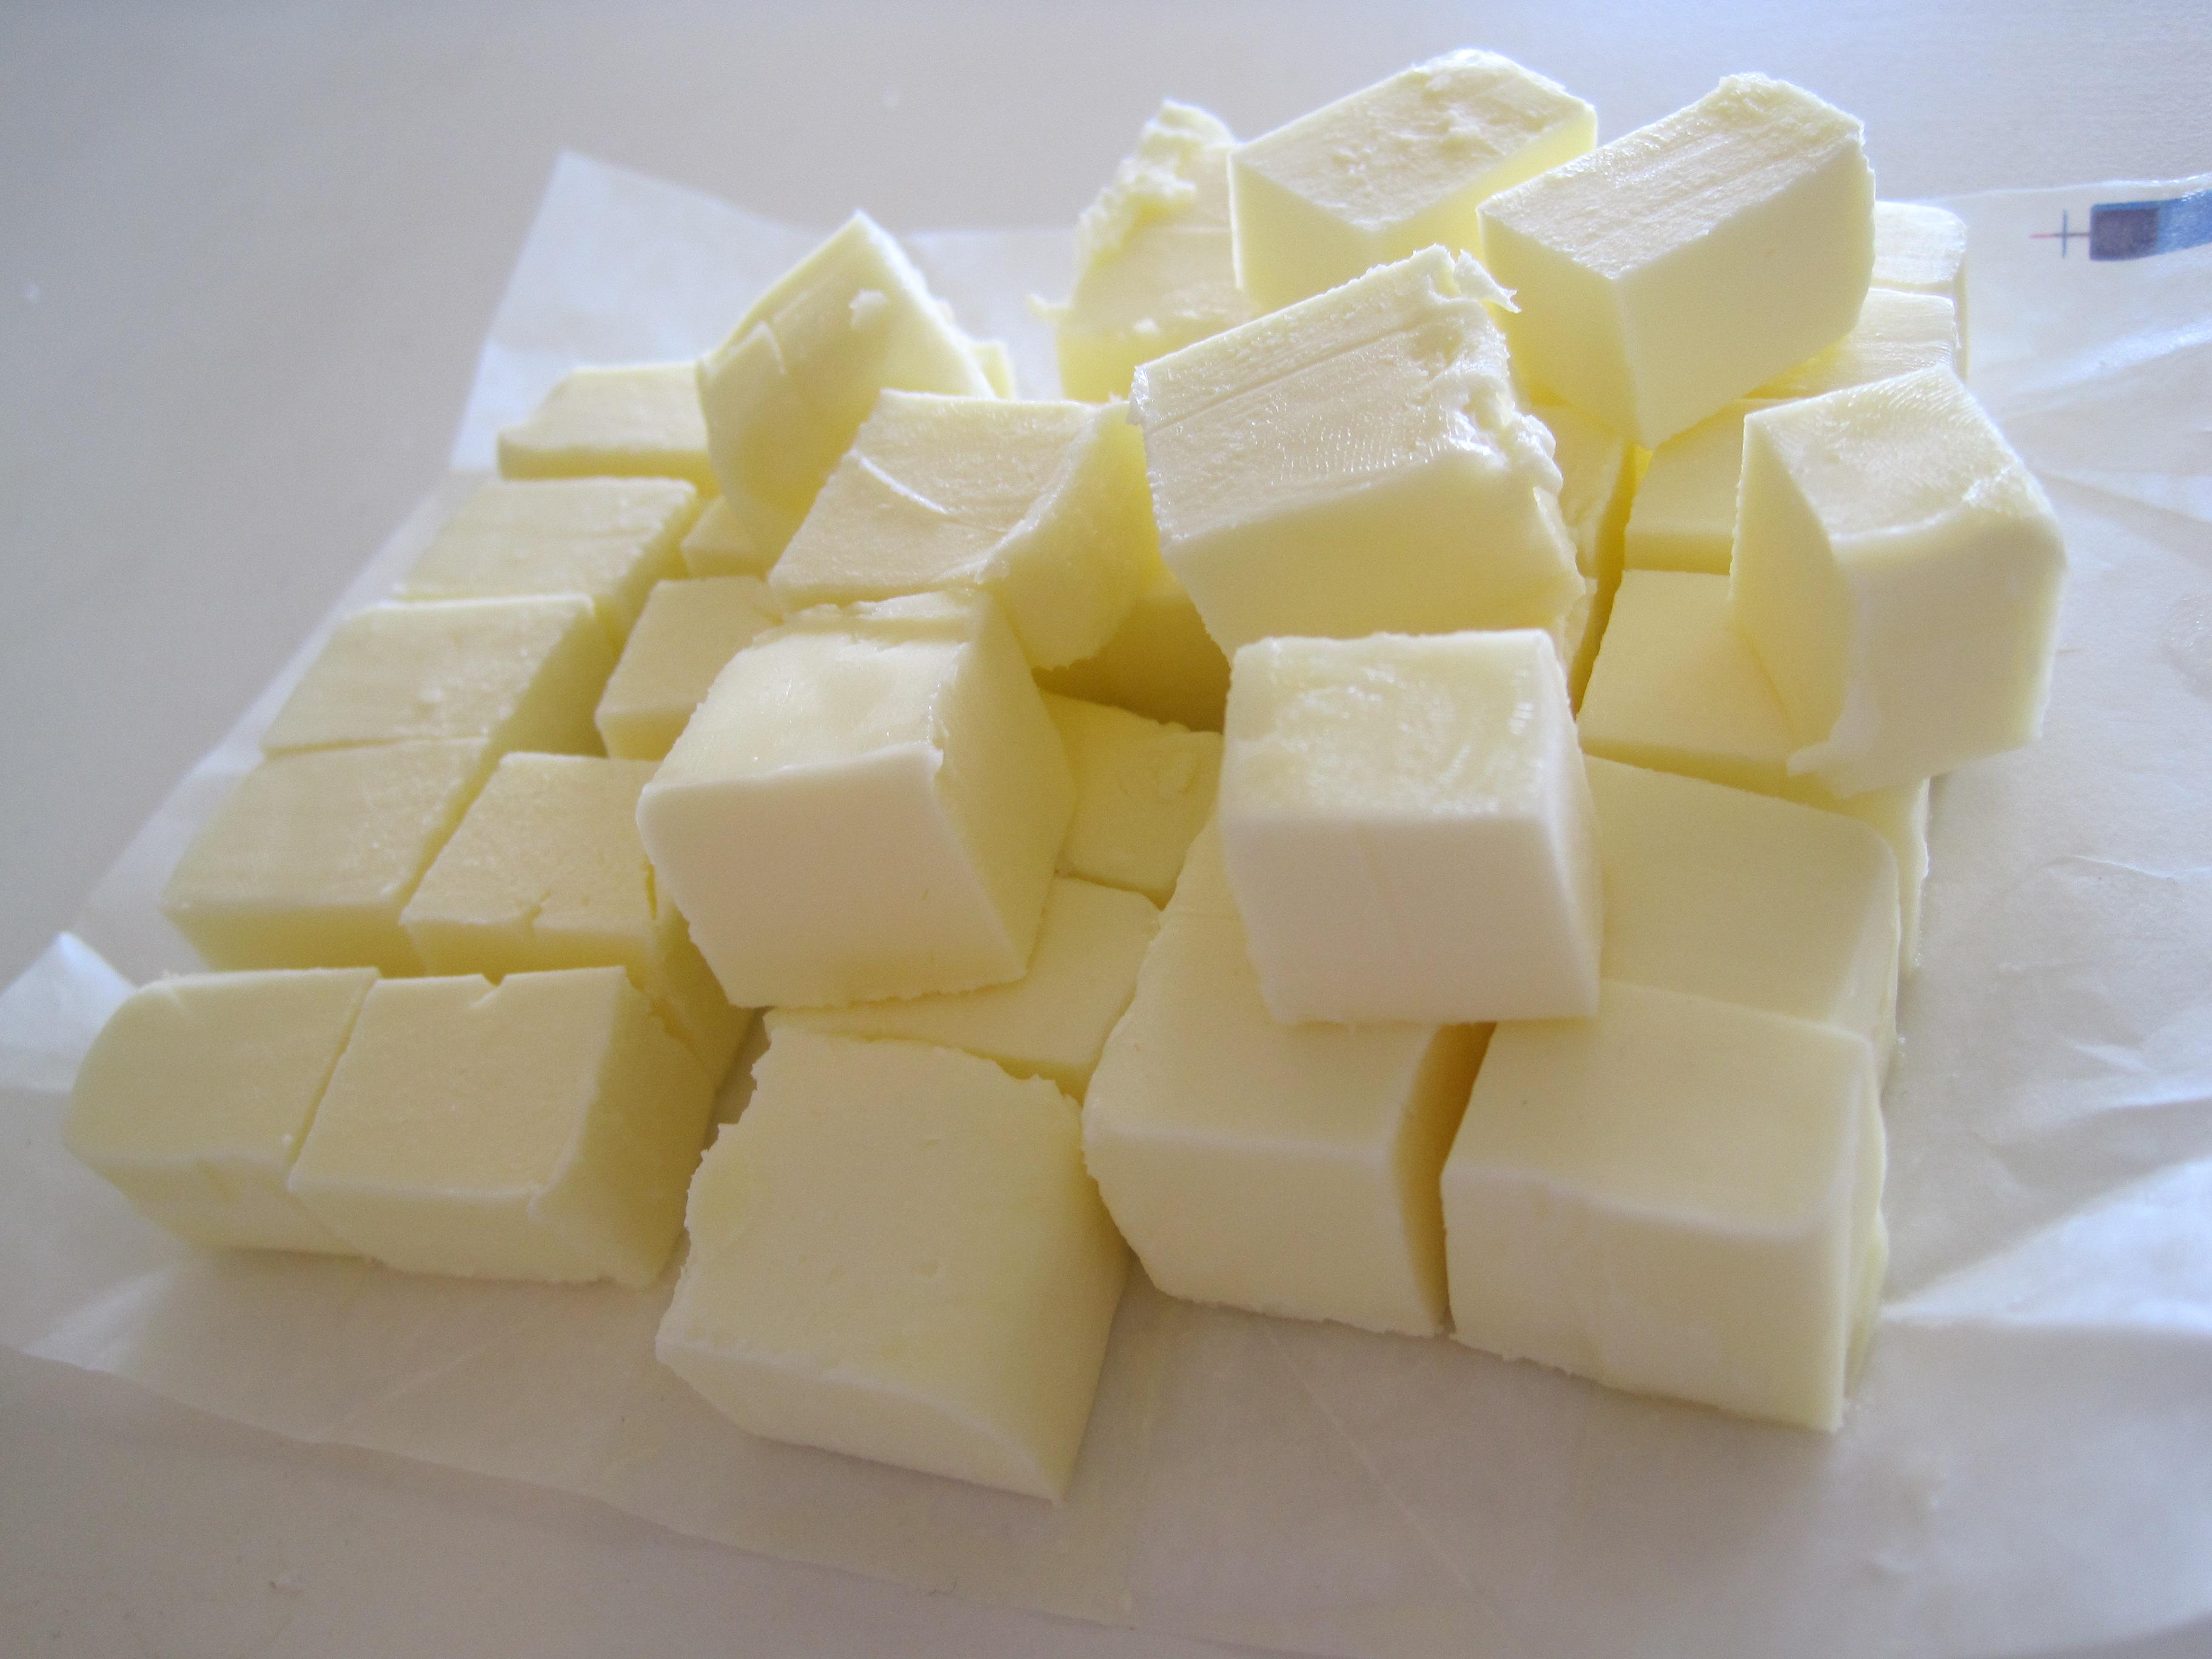 Biến tấu với cách làm kem bơ sữa chua trang trí bánh ăn hoài không ngấy-2  Biến tấu với cách làm kem bơ sữa chua trang trí bánh cực ngon bien tau voi cach lam kem bo sua chua trang tri banh an hoa khong ngay